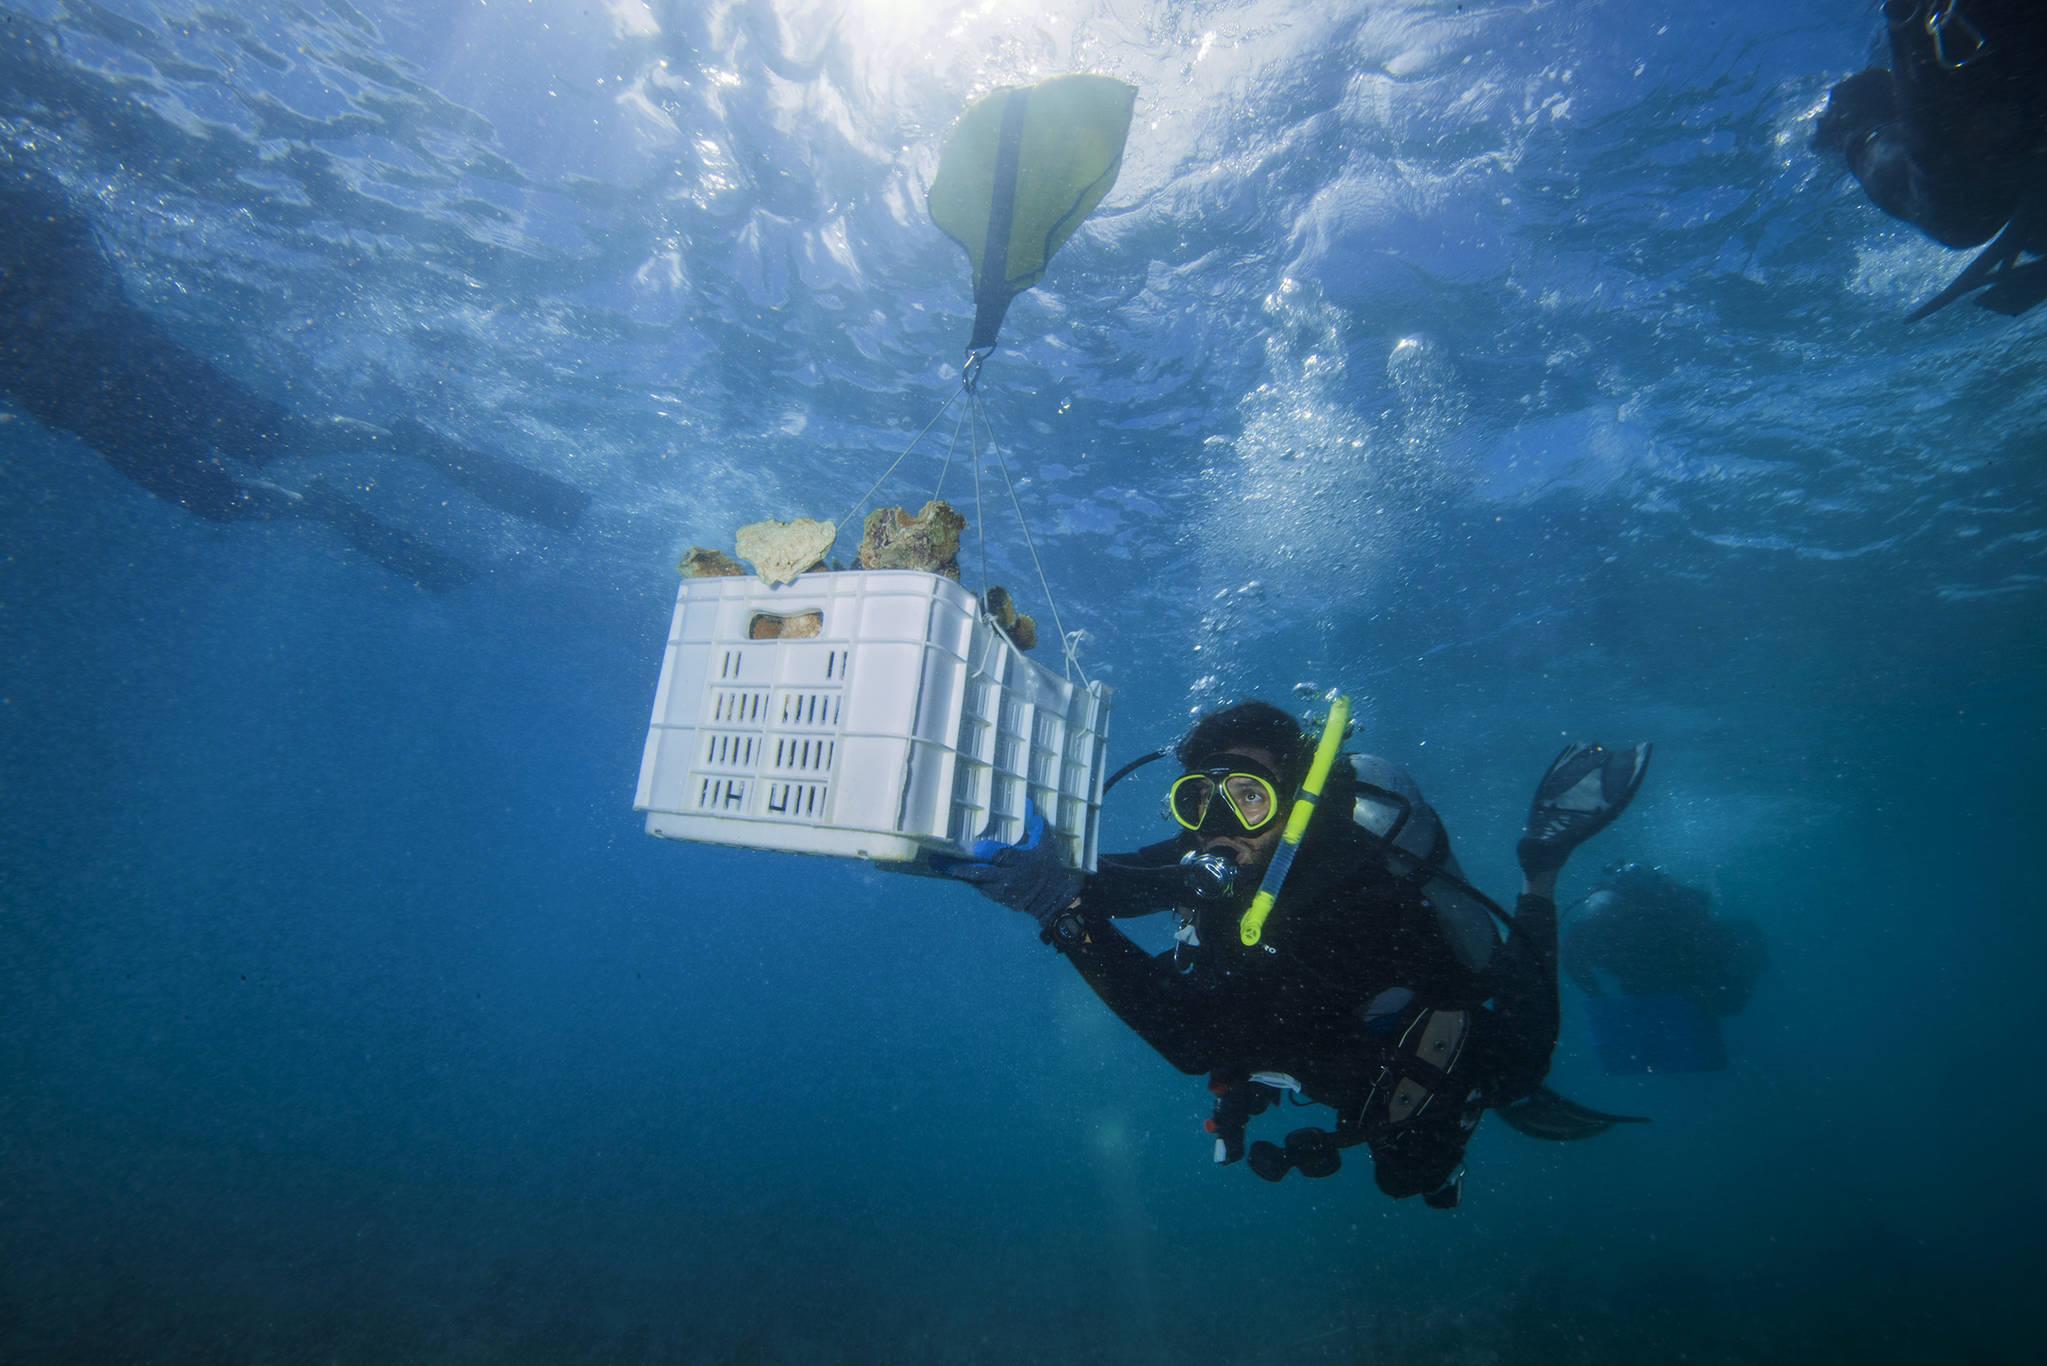 허리케인으로 훼손된 산호초를 복원하기 위해 지난 2월 푸에르토리코 연안에서는 새로운 산호를 이식하는 작업이 진행되고 있다. [AP=연합뉴스]